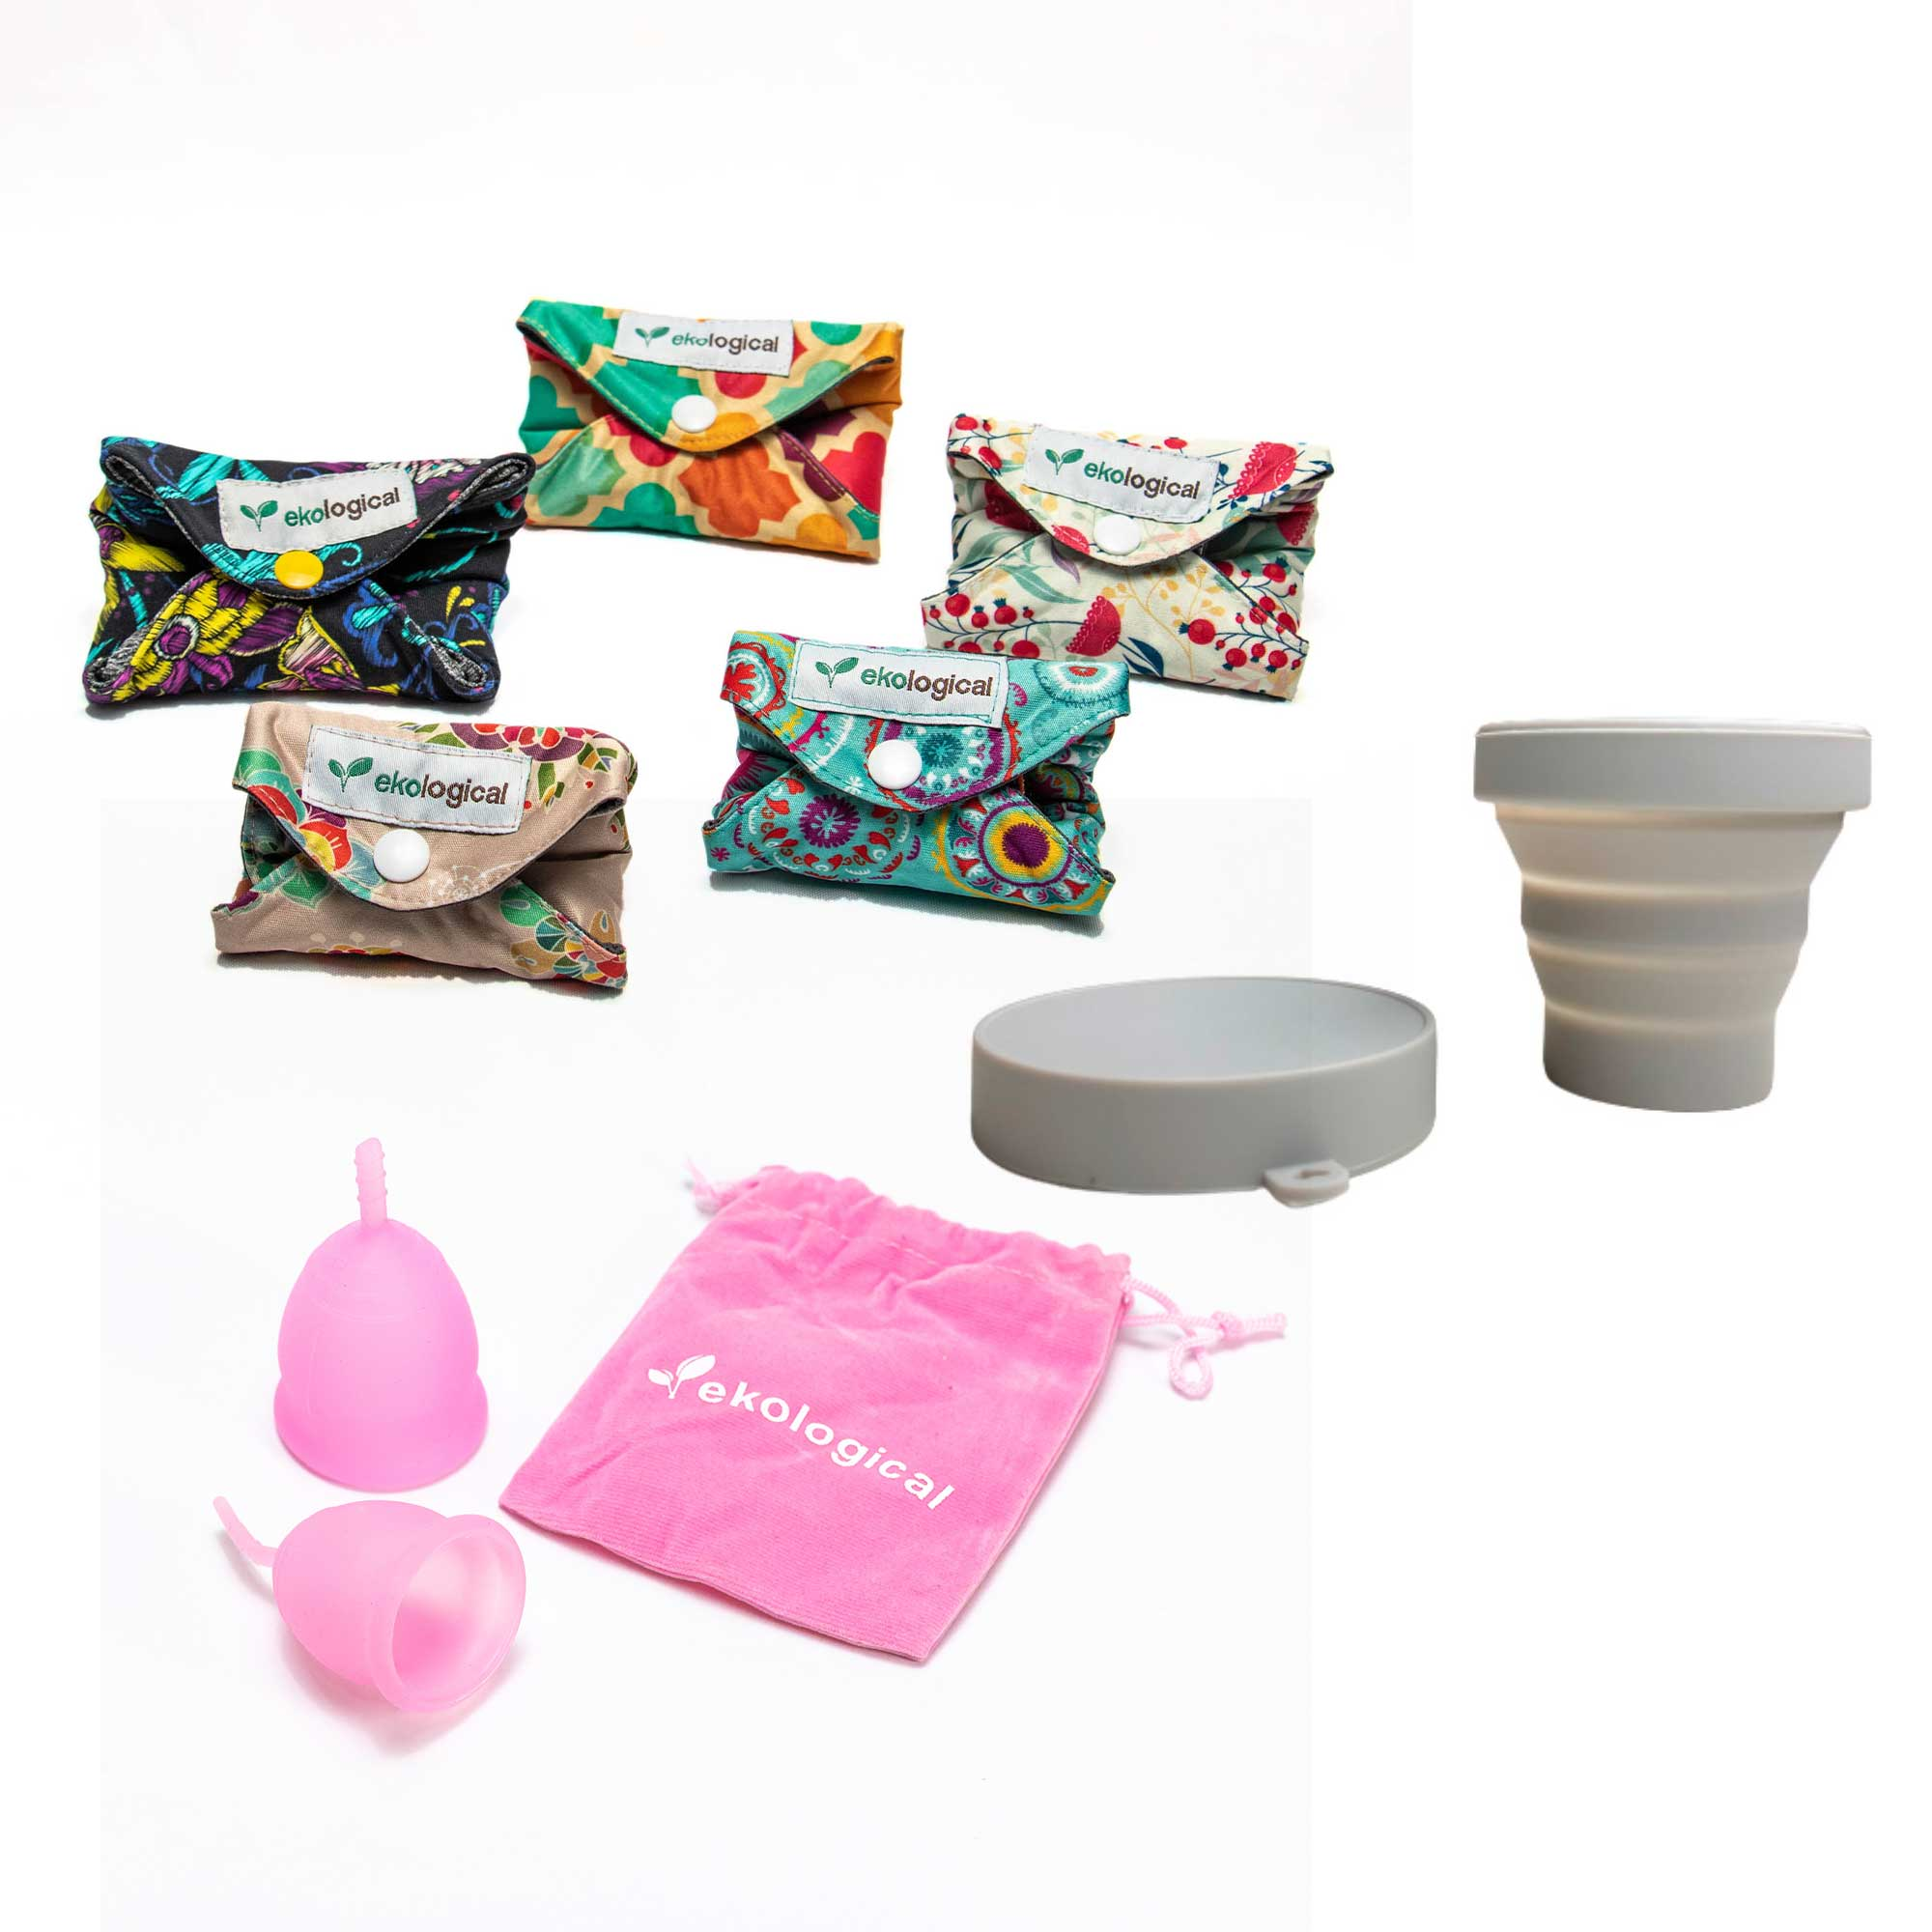 Kit 5 Absorventes + Coletor Menstrual e Copo Esterilizador